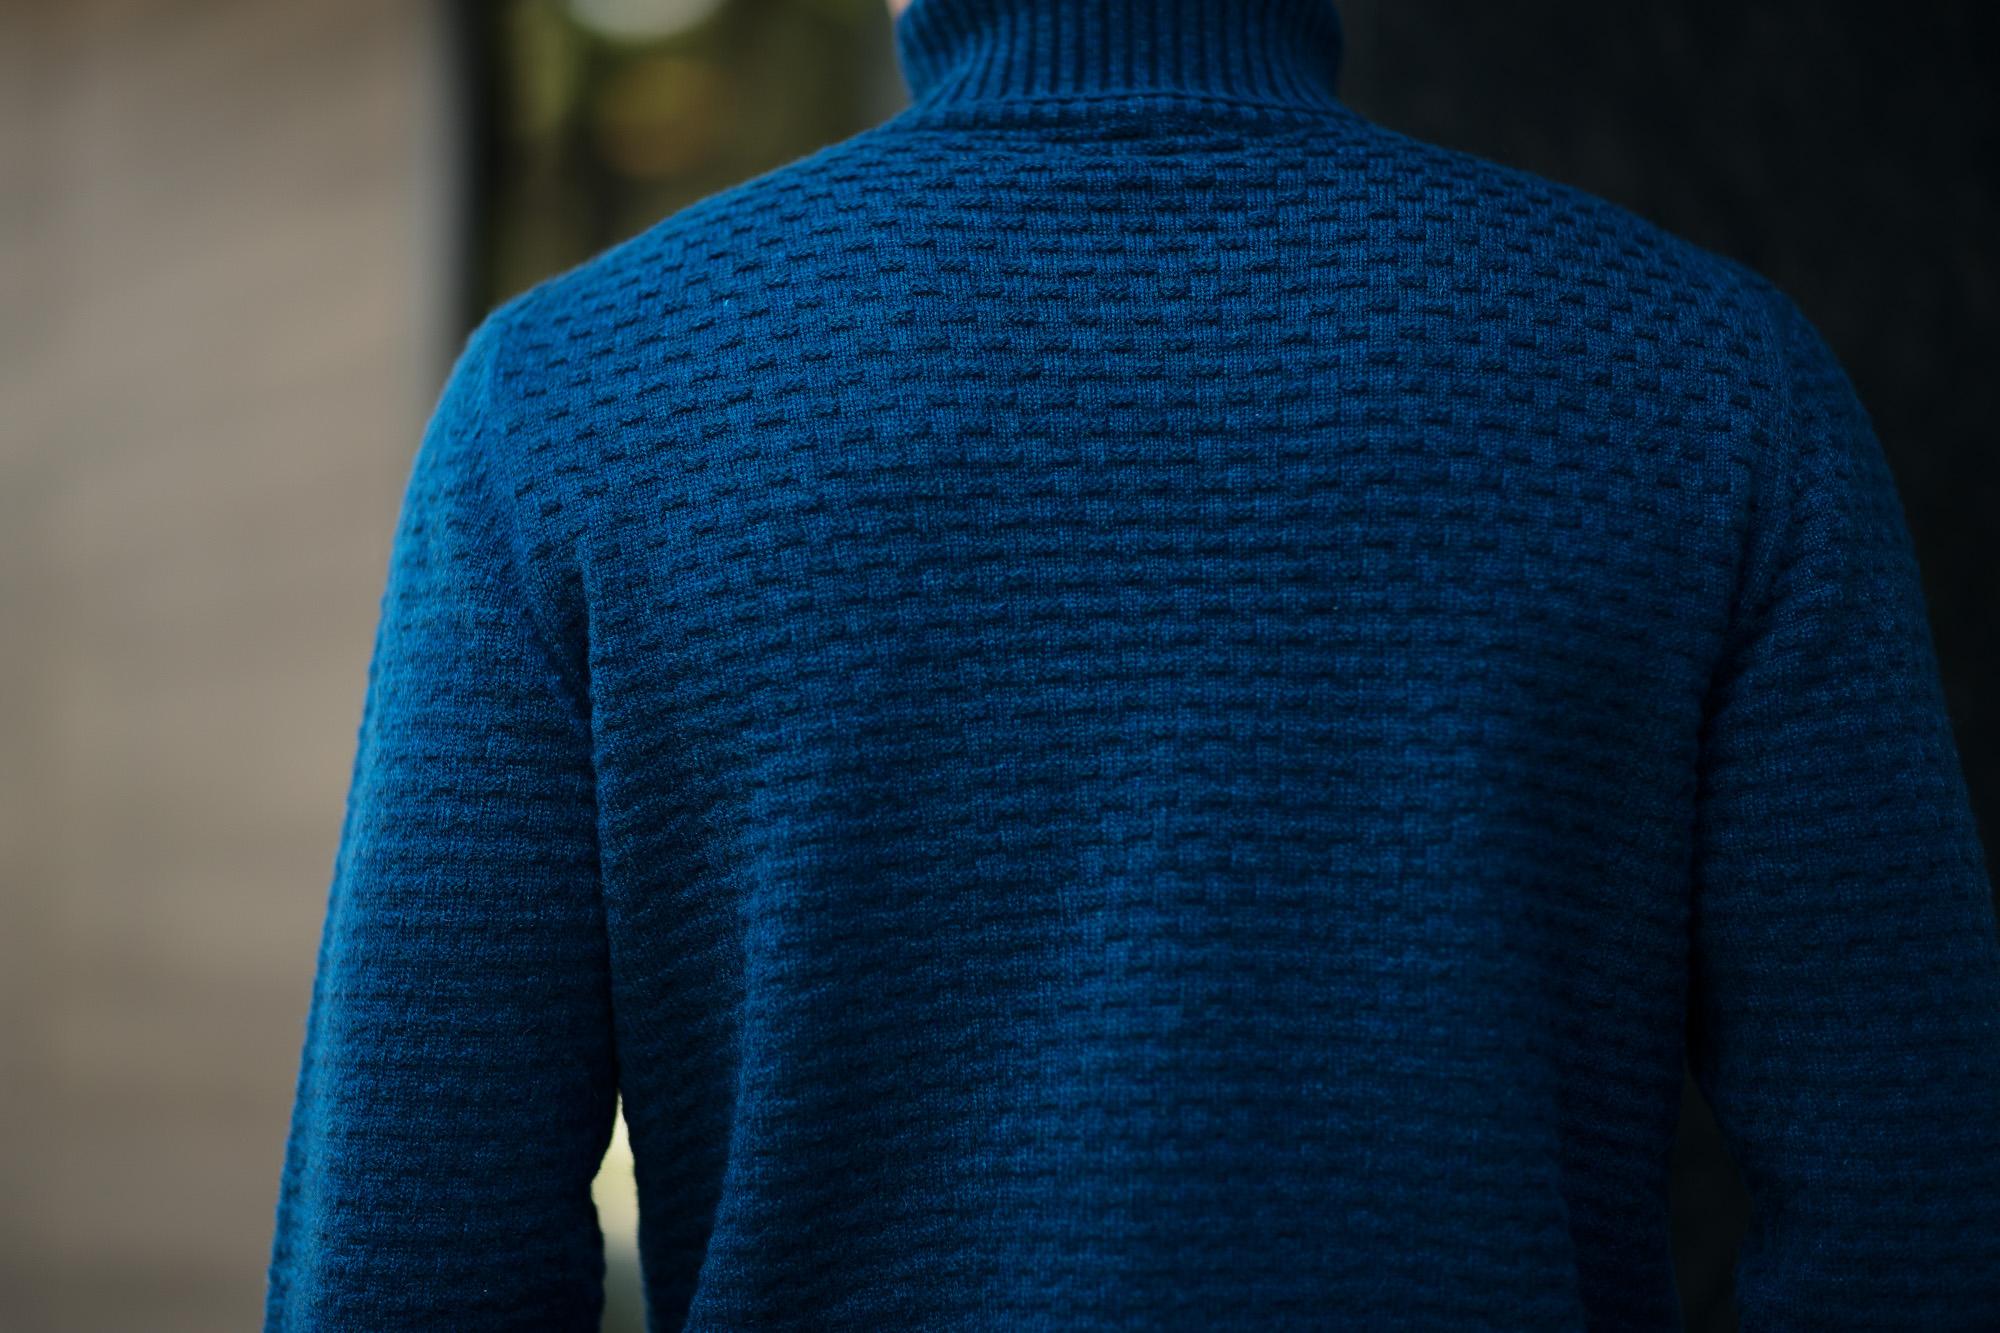 Settefili Cashmere (セッテフィーリ カシミア) Dolcevita Lavoraz LINKS (カシミア タートルネック セーター) ミドルゲージ カシミア ニット セーター BLUE (ブルー・CG267) made in italy (イタリア製) 2018 秋冬新作 settefilicashnere セッテフィーリカシミア カシミヤ 愛知 名古屋 alto e diritto アルトエデリット